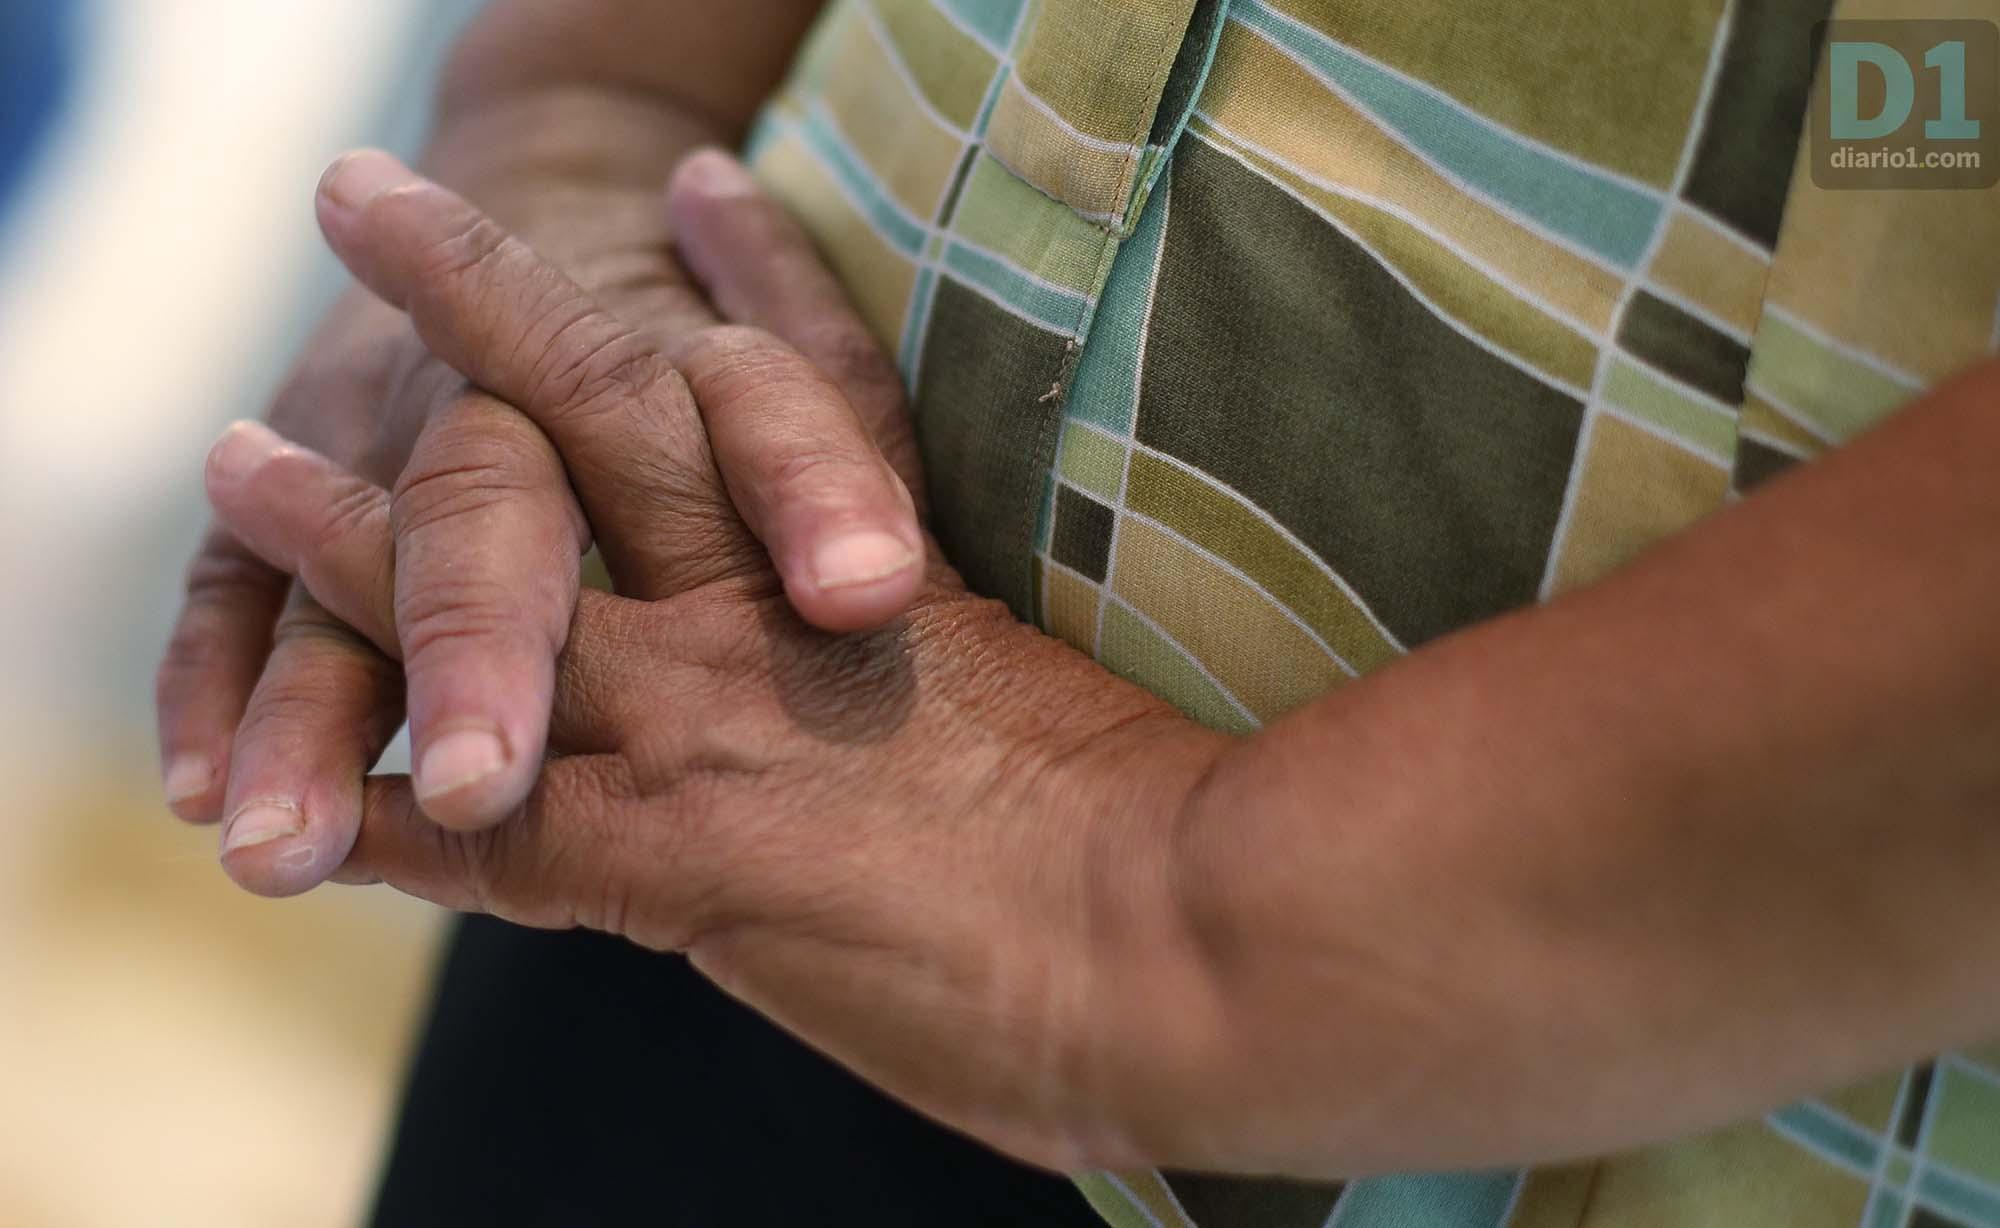 Las manos de doña Teresa mientras narra la muerte de su hijo. Foto: D1. Nelson Dueñas.